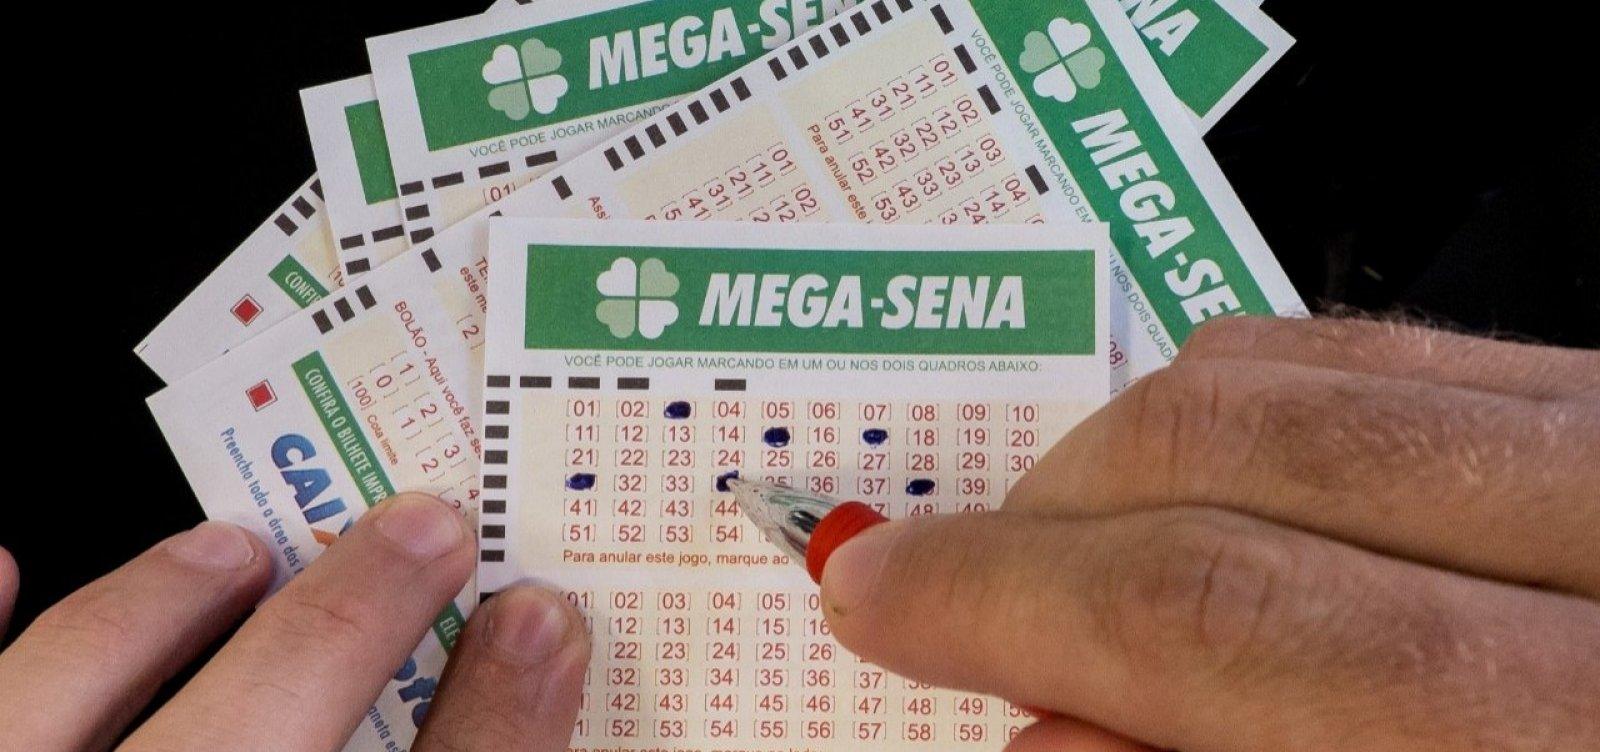 [Mega-Sena sorteia nesta quarta-feira prêmio de R$ 23 milhões]